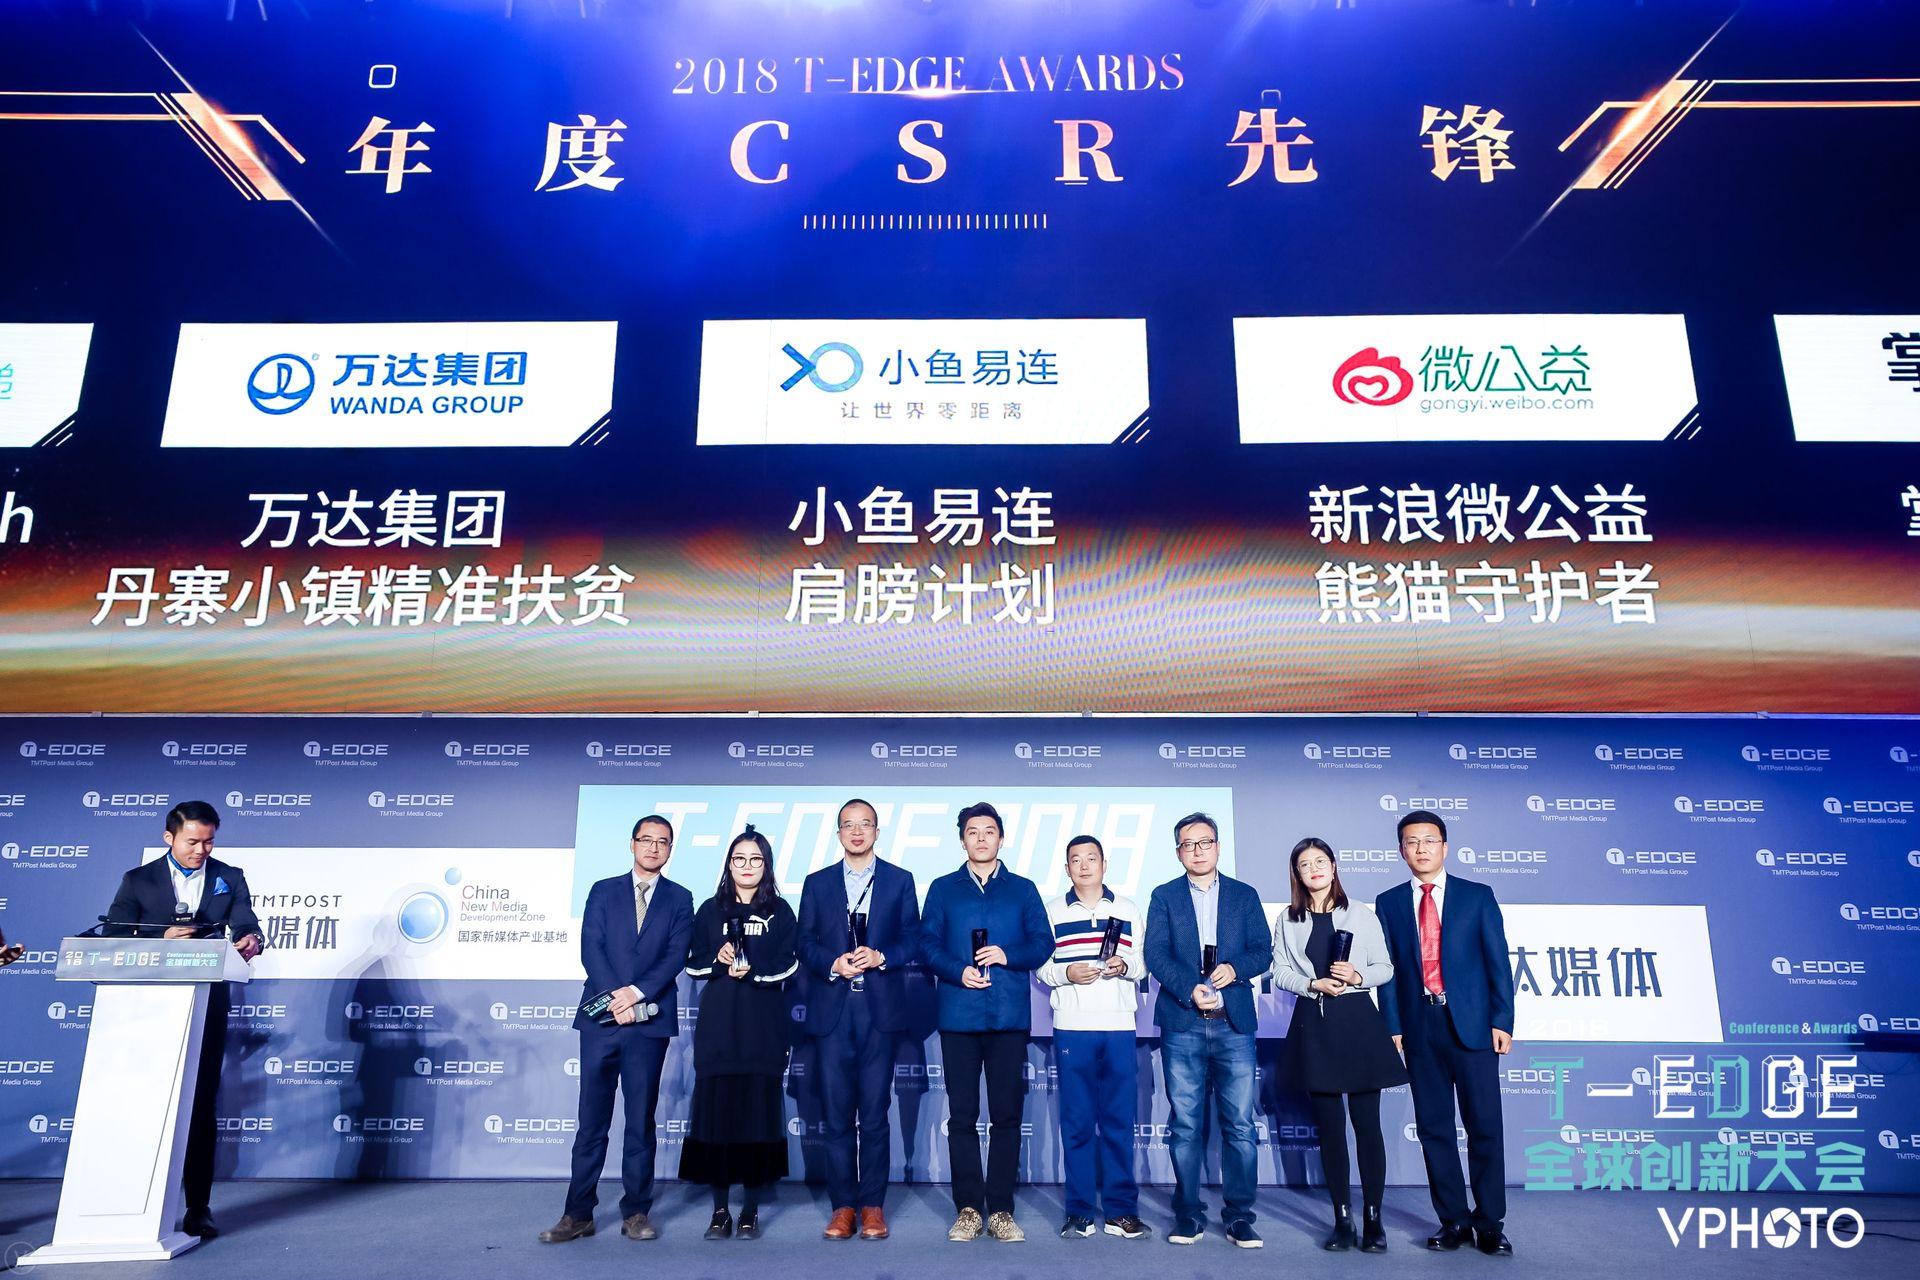 钛媒体「年度CSR先锋」揭榜 | 2018 T-EDGE Awards